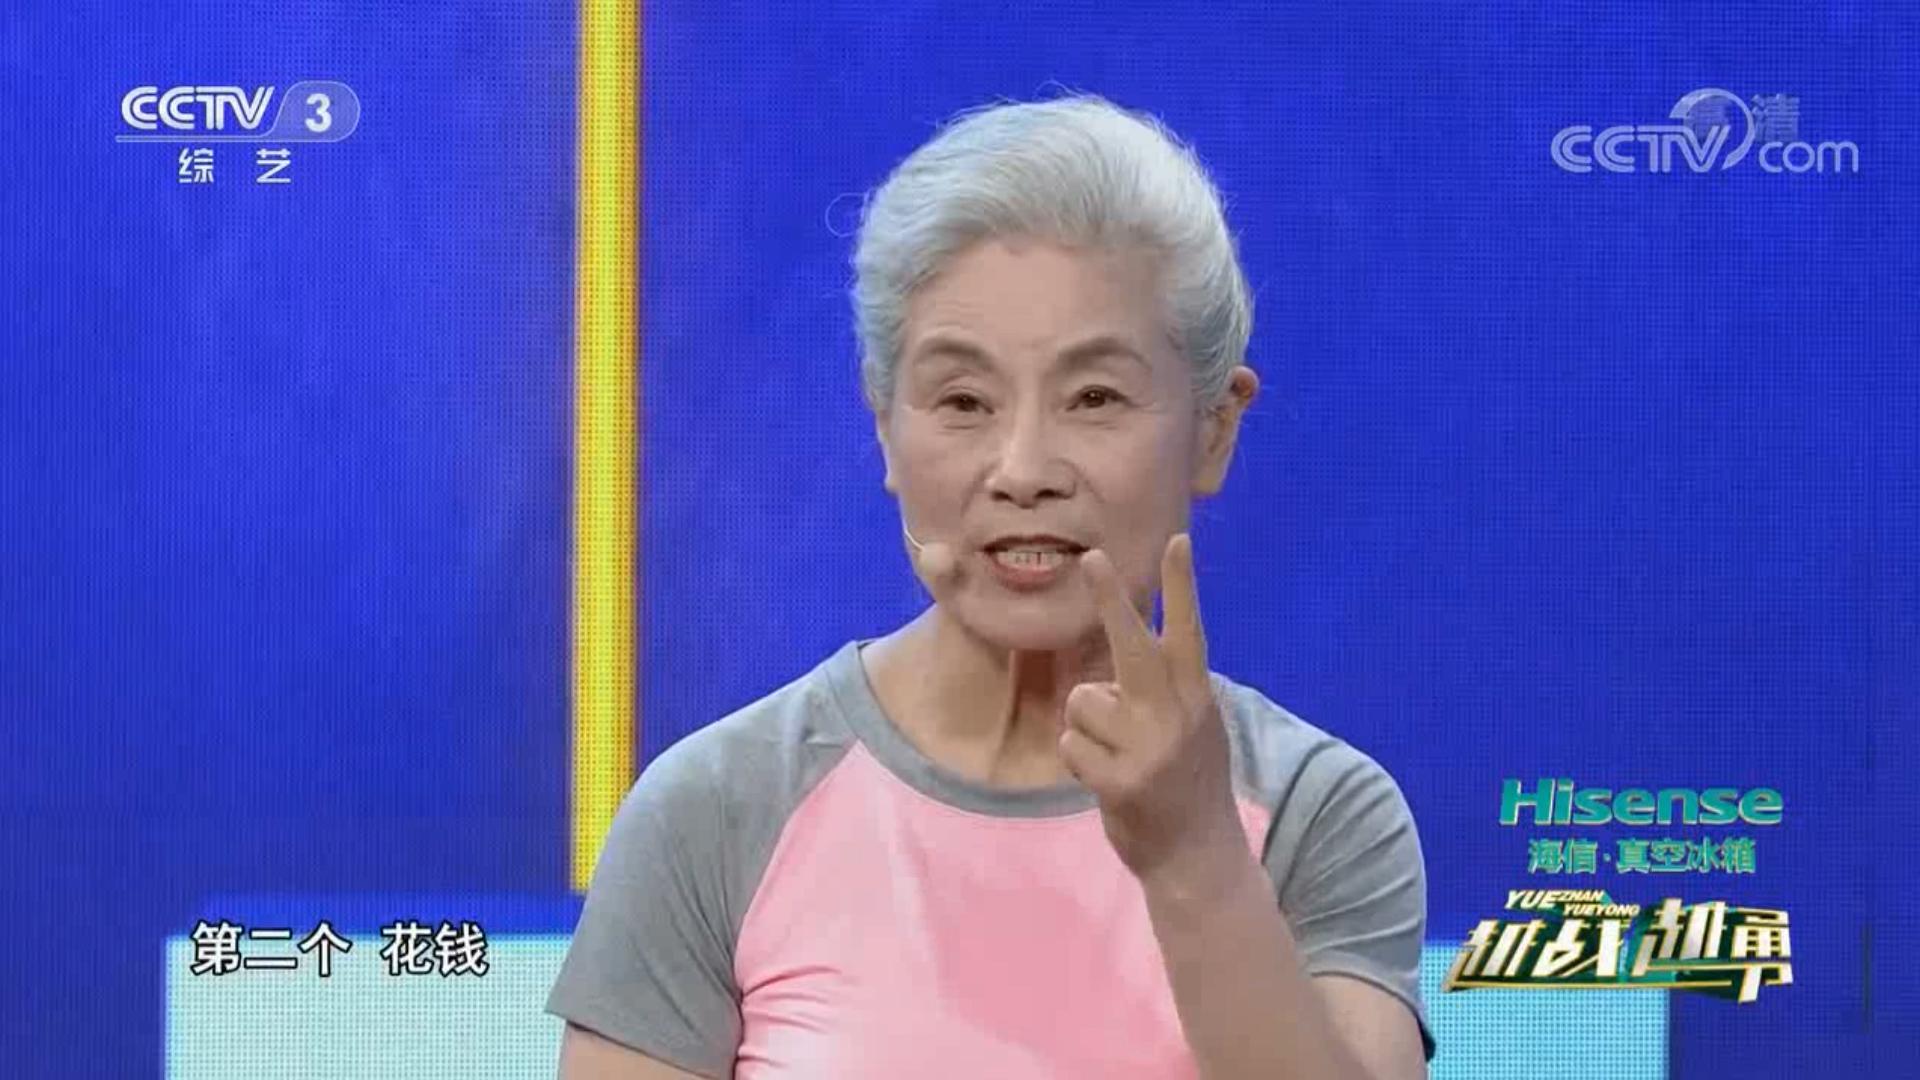 越战越勇:健身达人奶奶成励志典范,演唱《洪湖水浪打浪》获好评